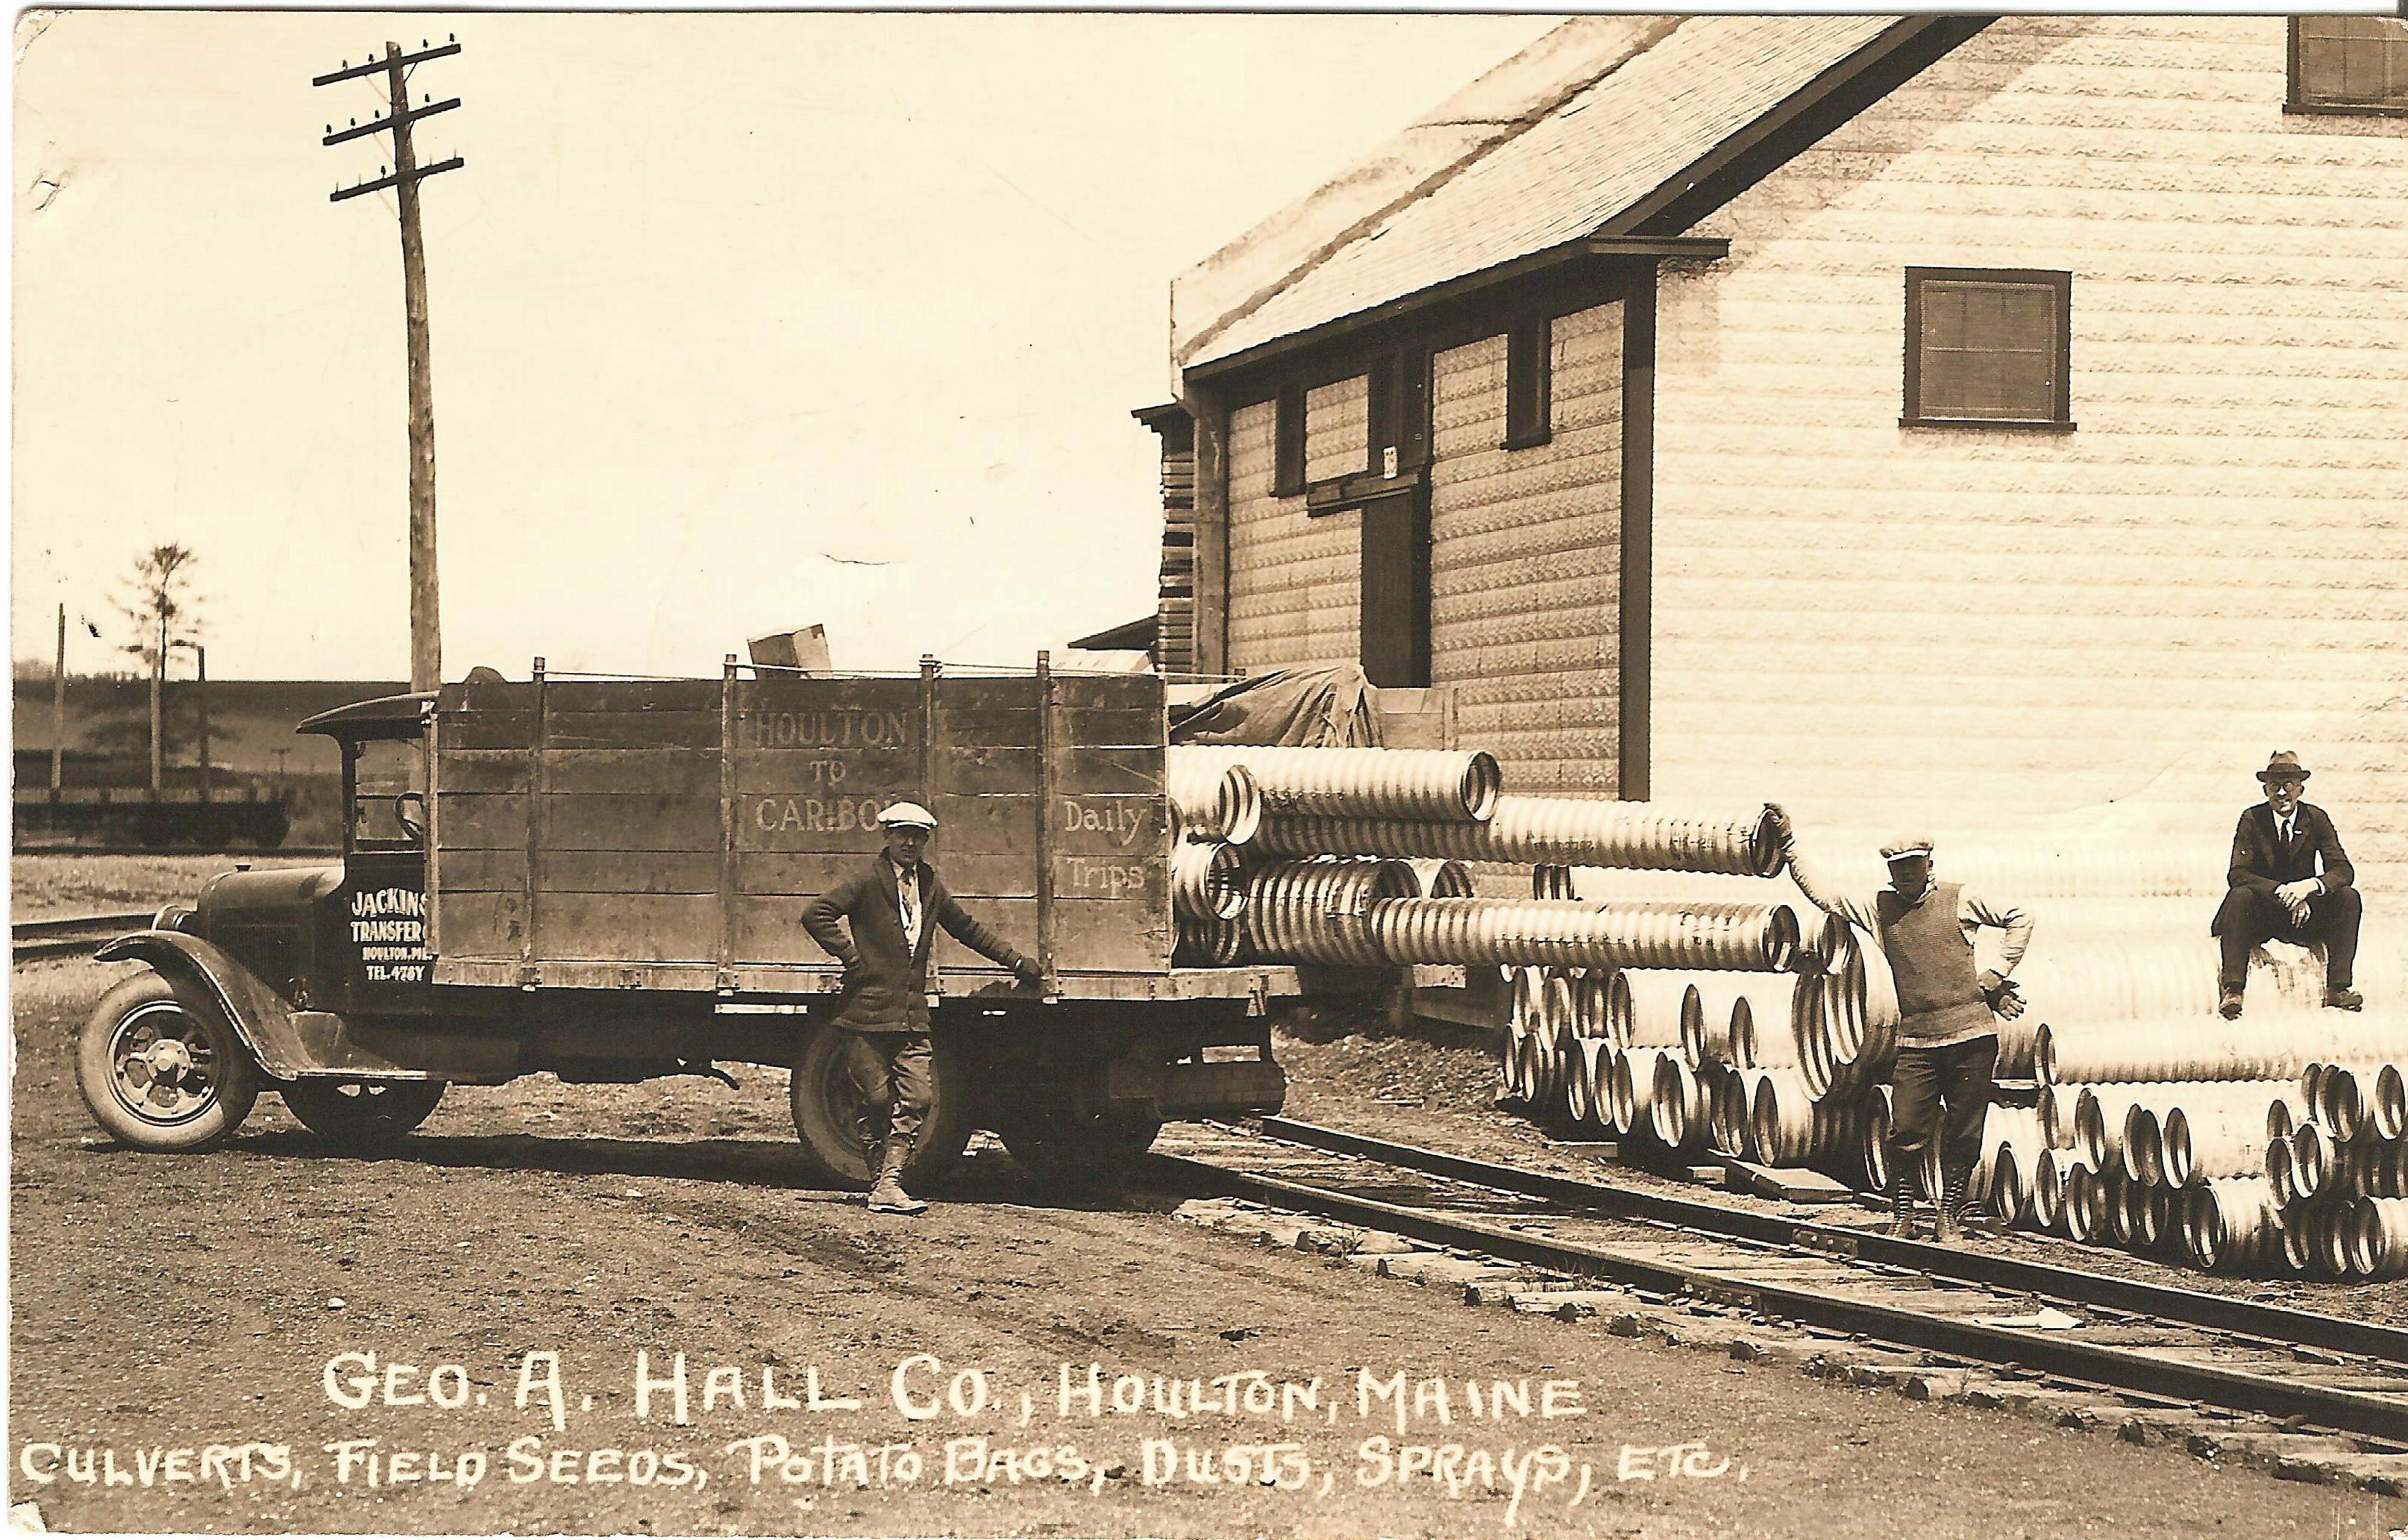 Geo. A. Hall Co.